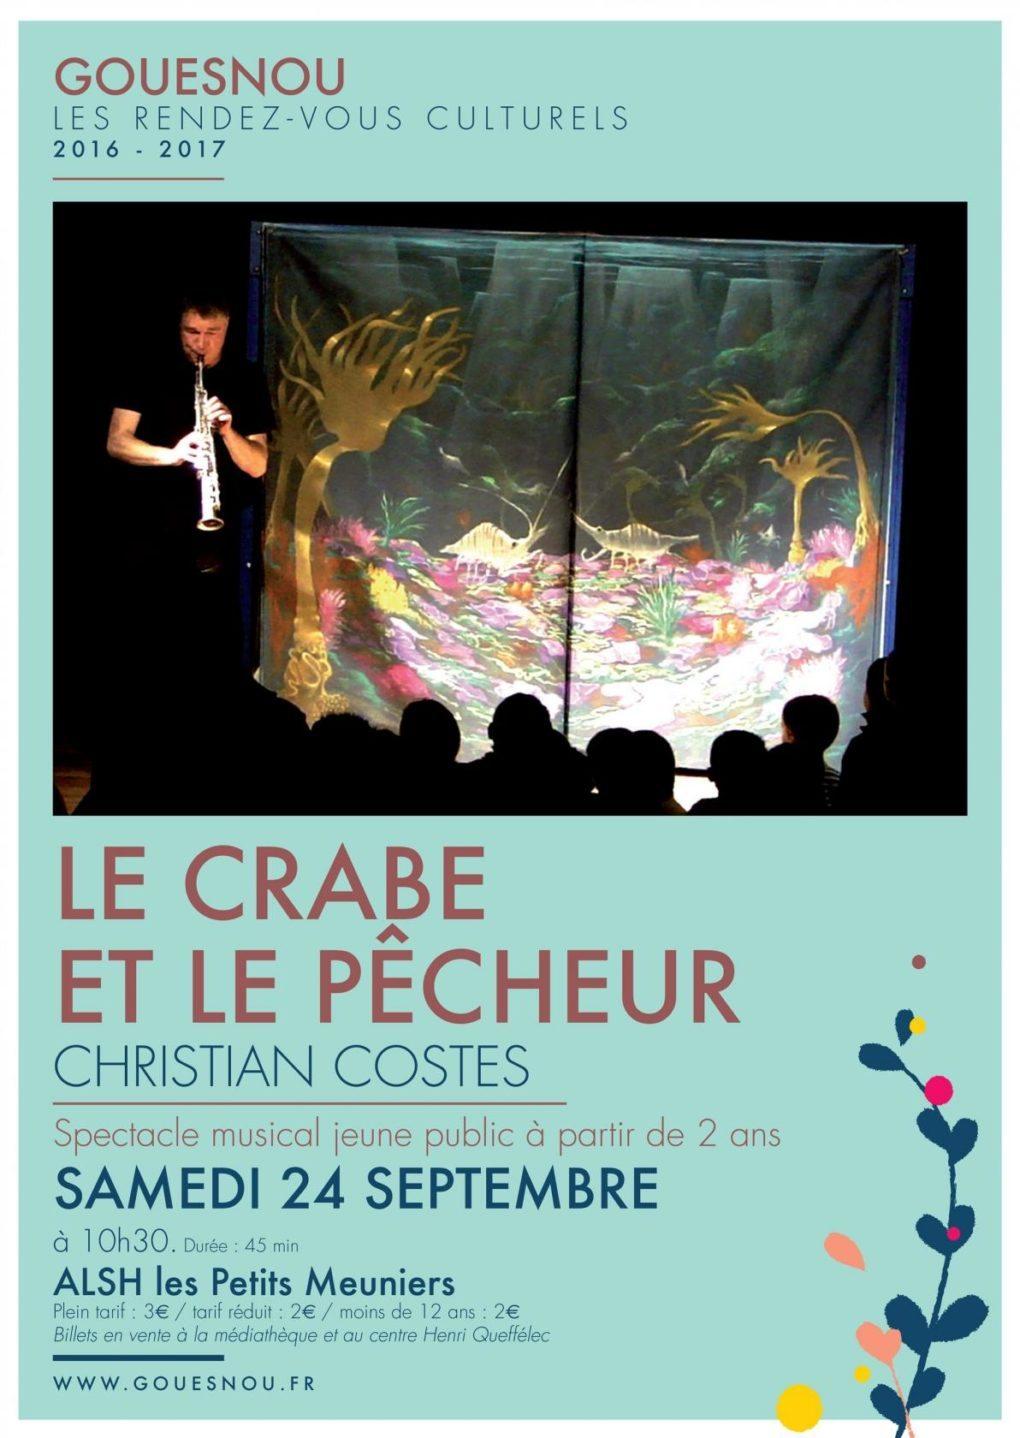 Le crabe et le pêcheur (Christian Costes) Gouesnou